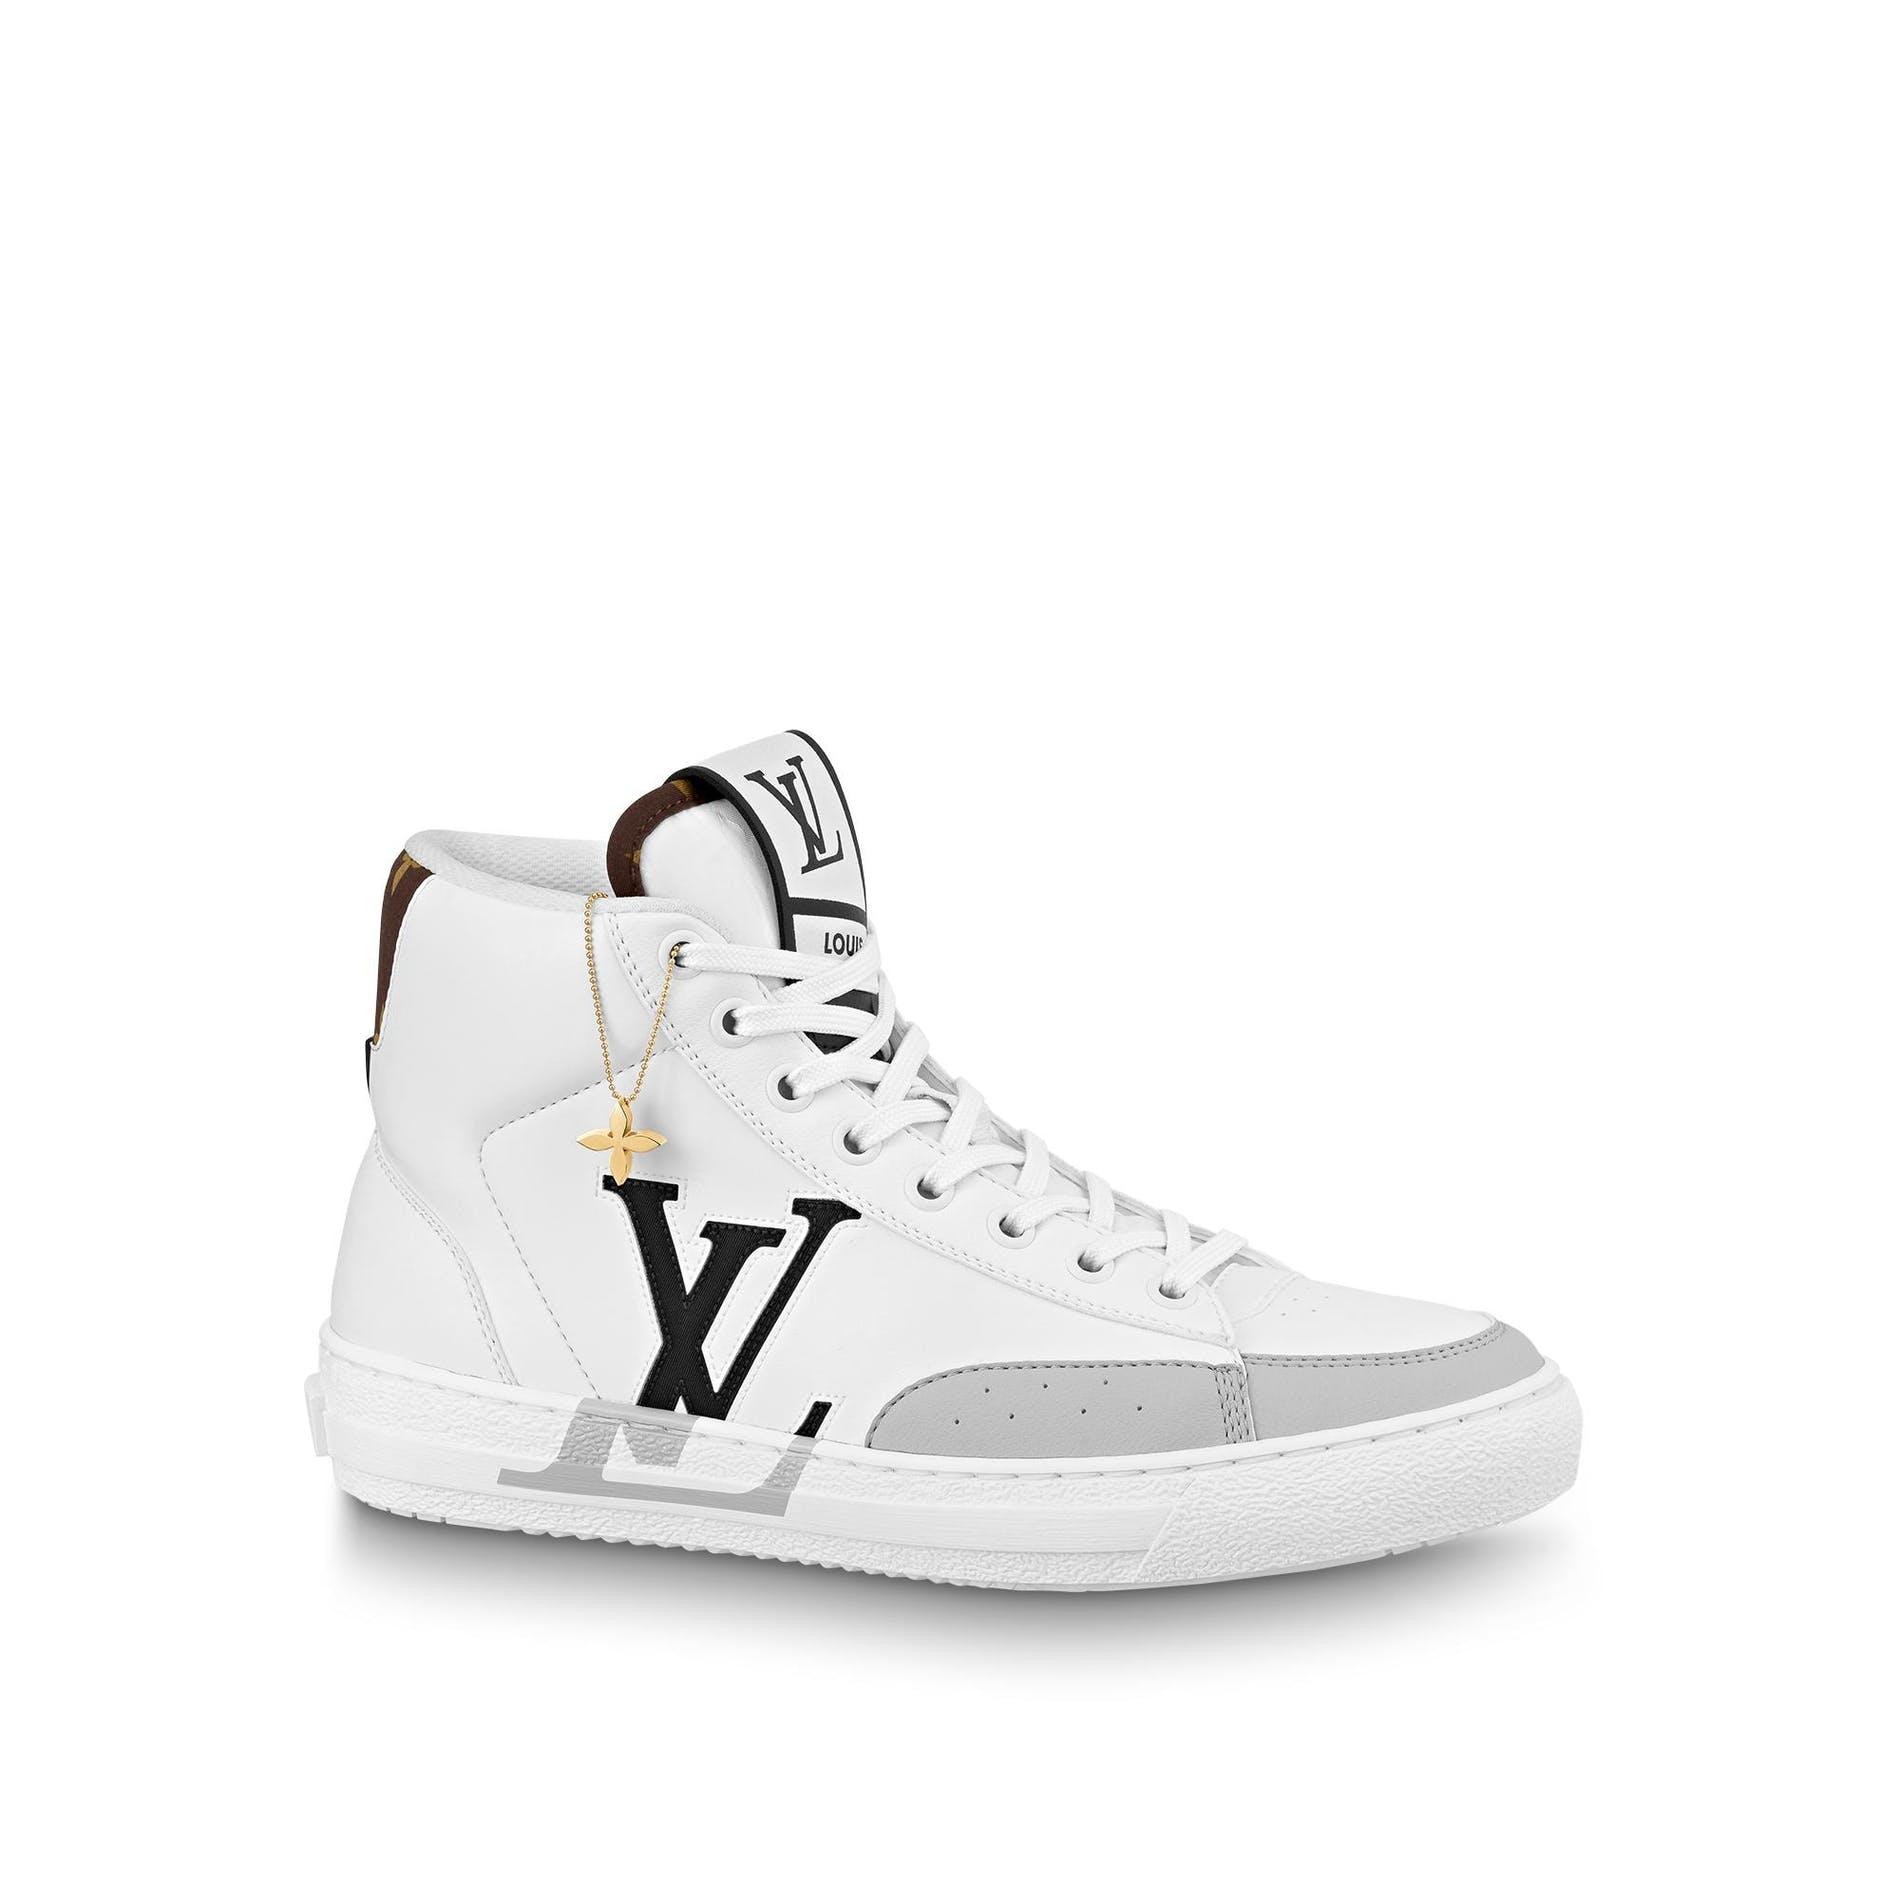 Louis Vuitton представил кроссовки из переработанных материалов